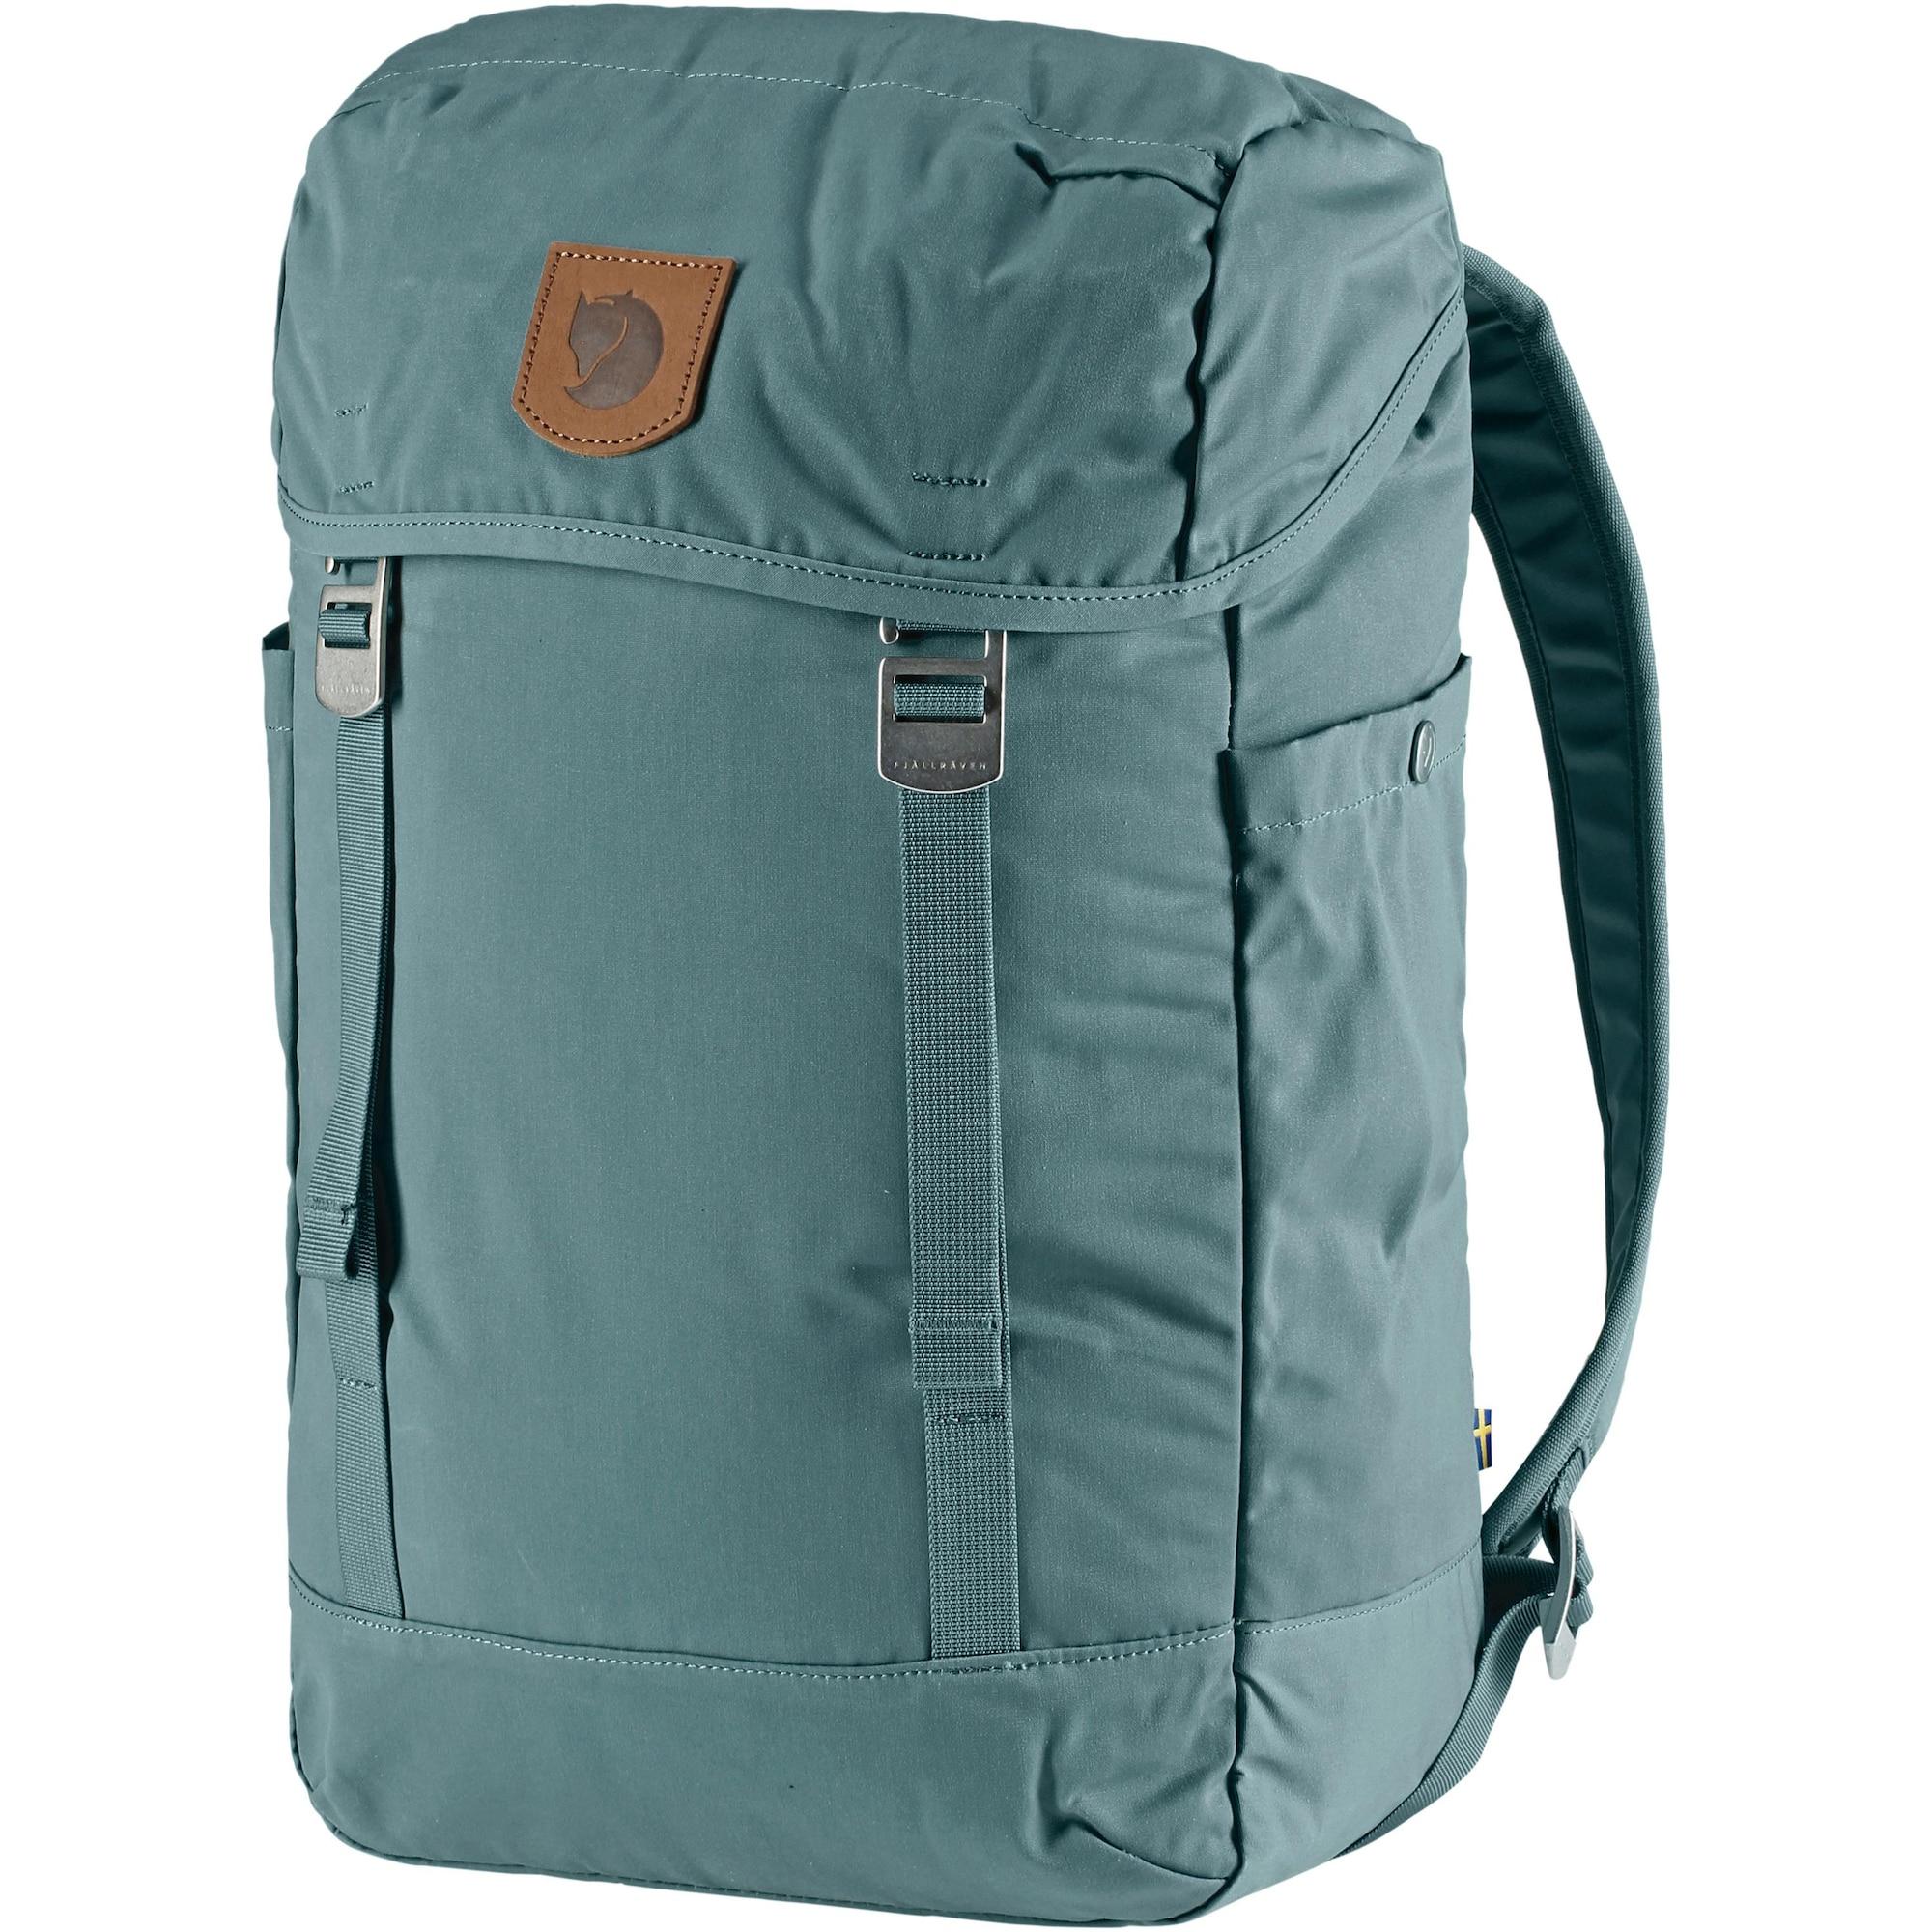 Daypack 'Greenland Top' | Taschen > Rucksäcke > Tagesrucksäcke | Fjällräven